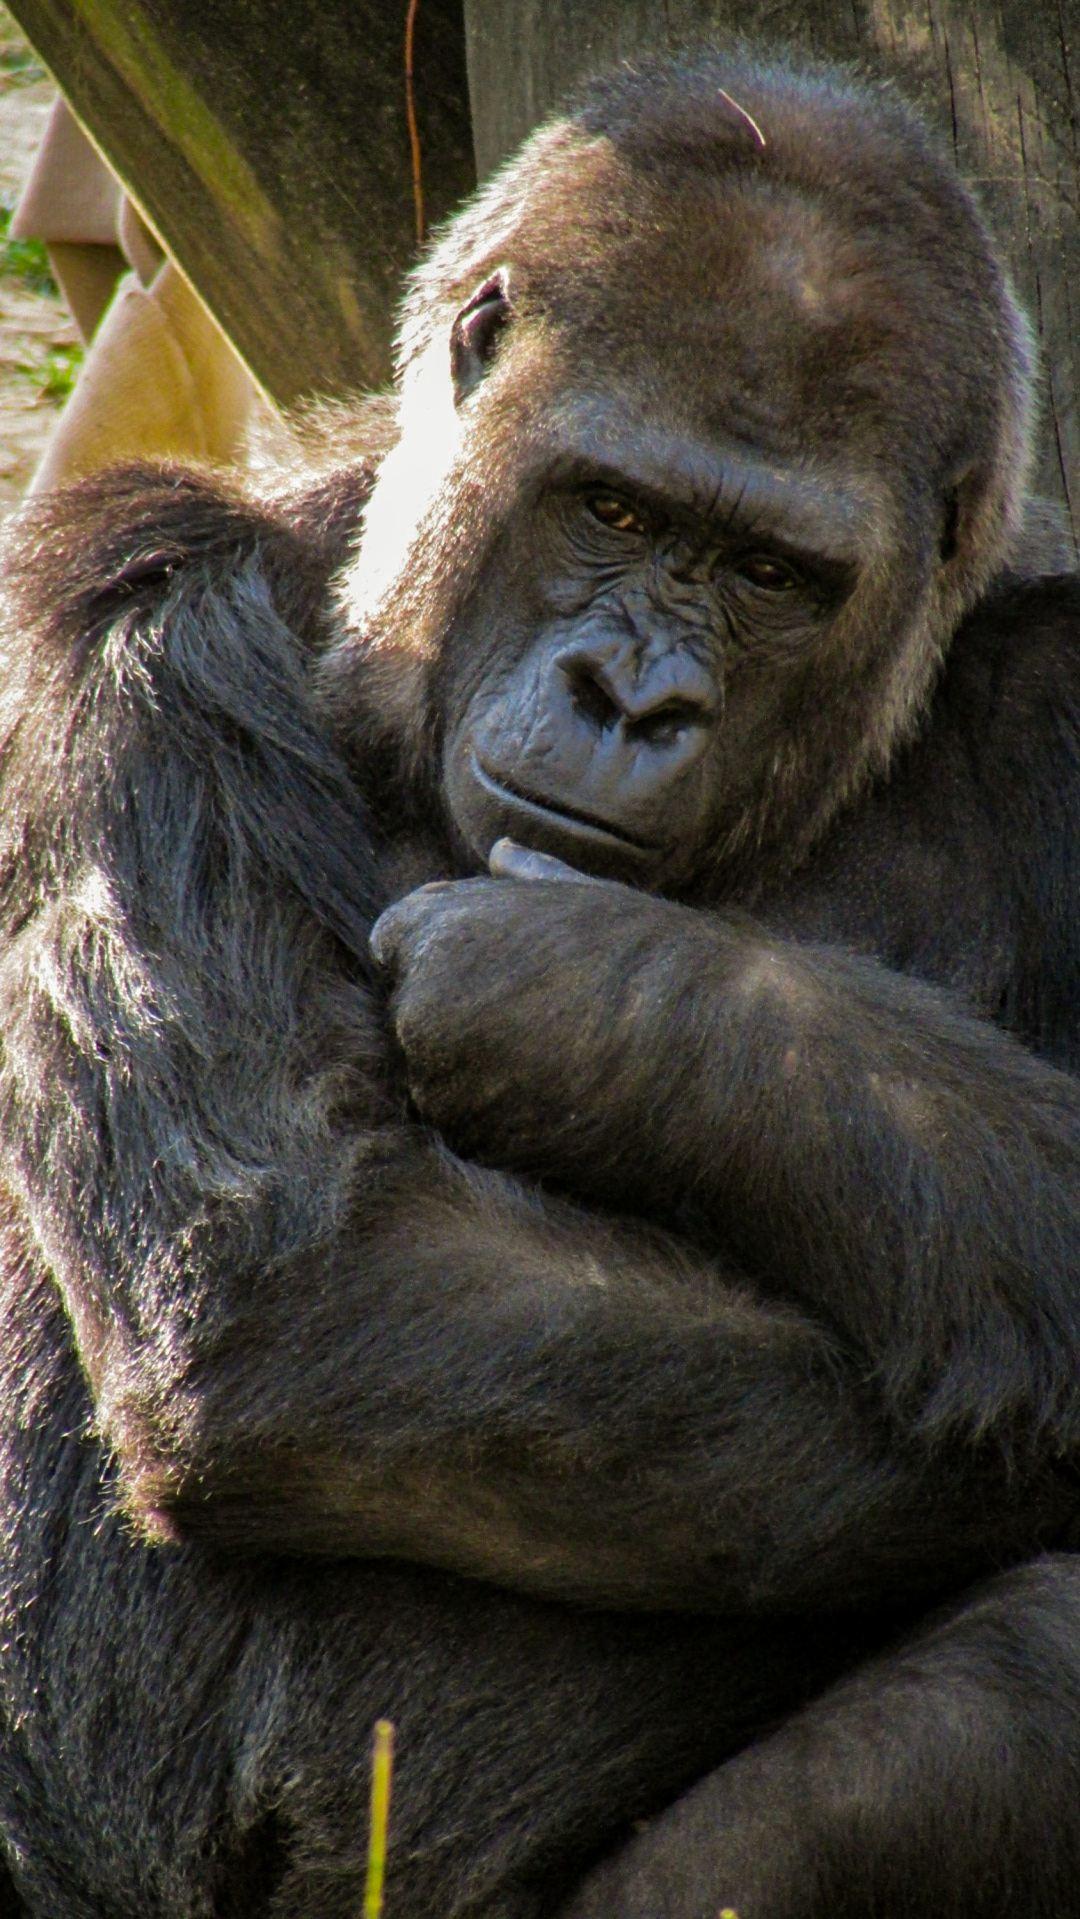 Black Gorilla Beside Wood Photo Free Animal Image On